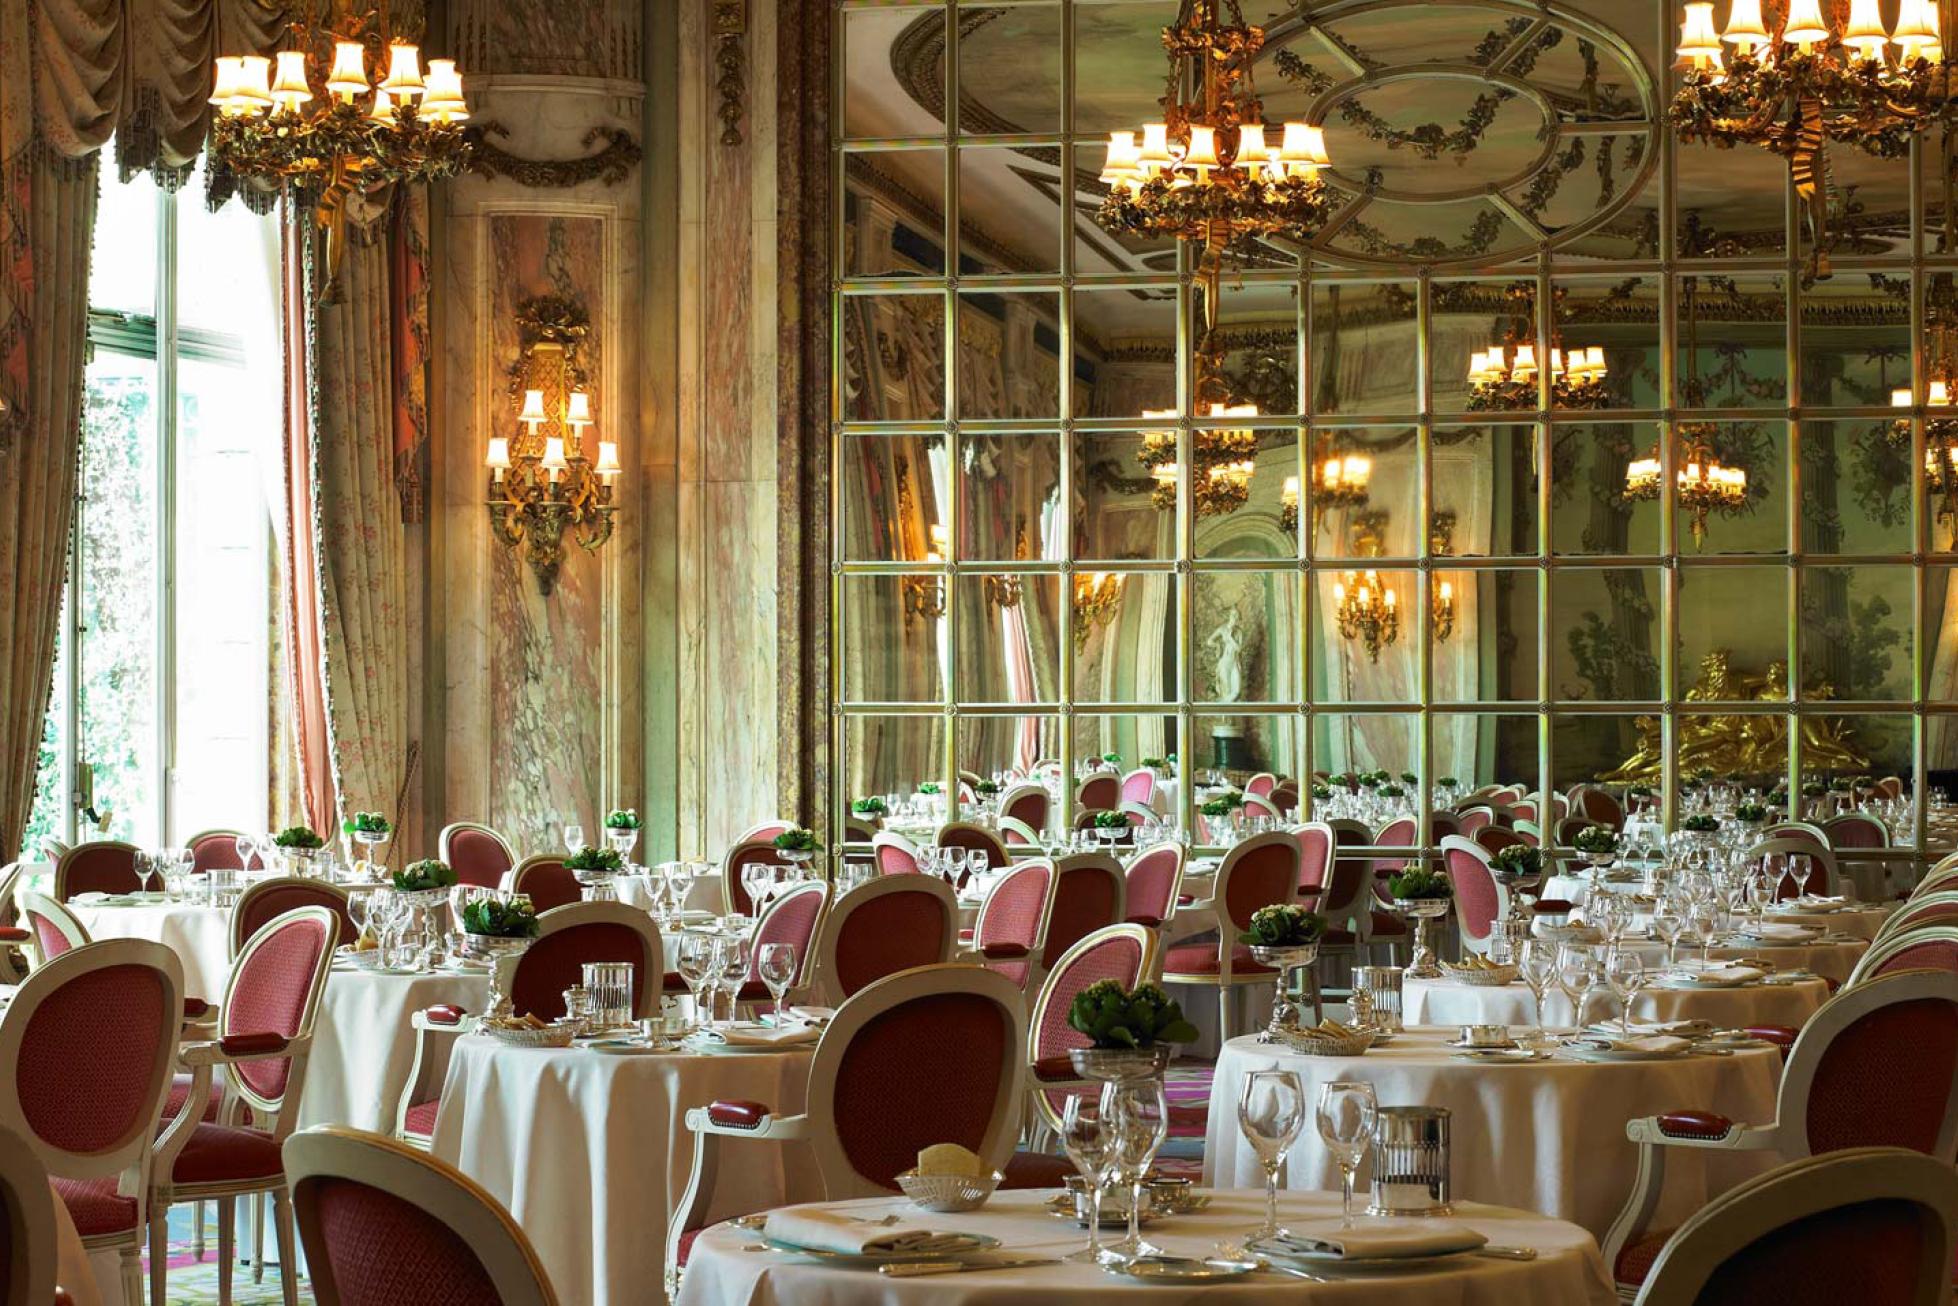 The ritz restaurant interior